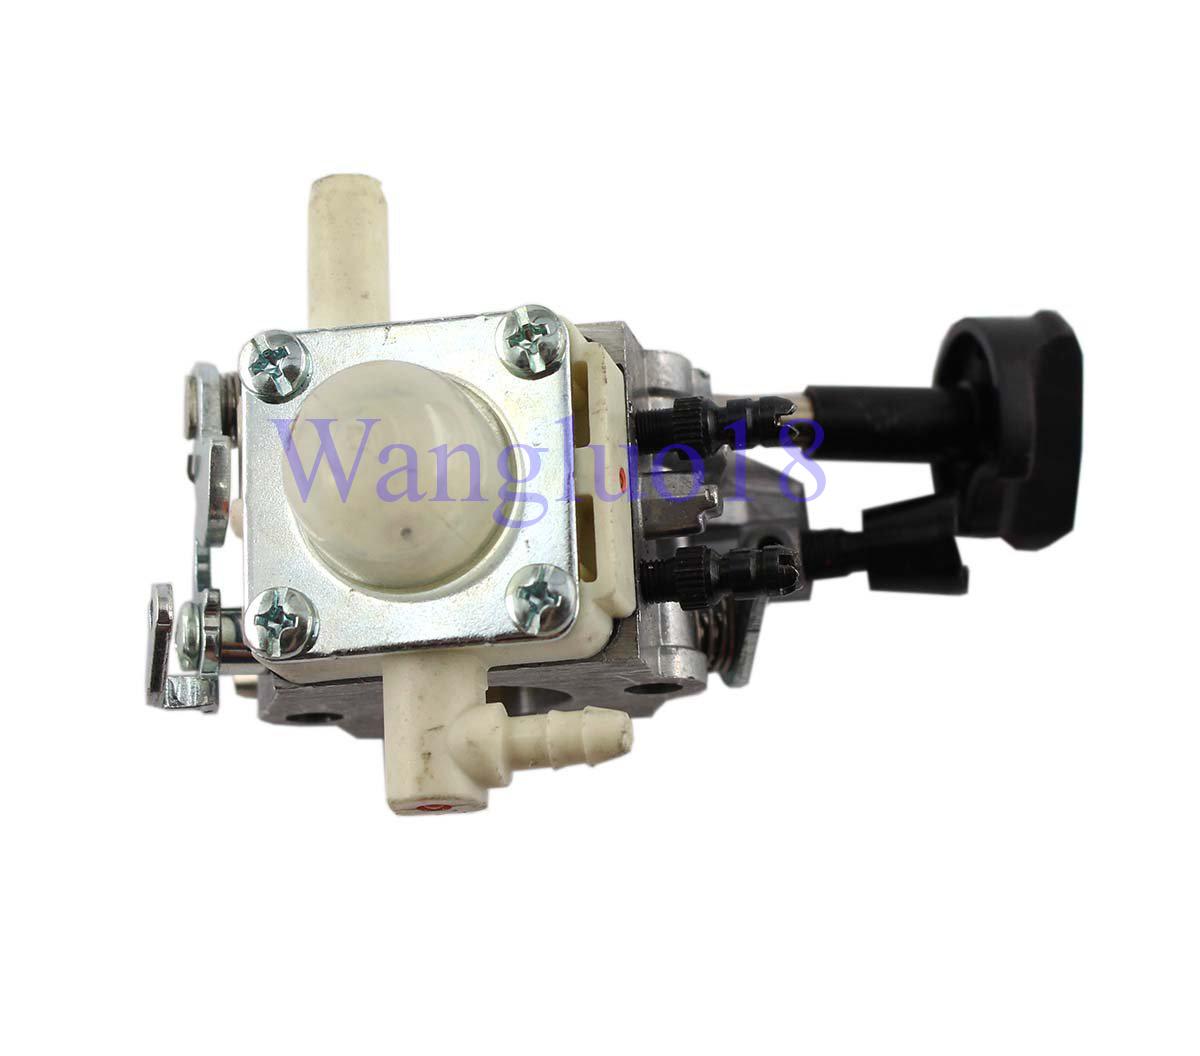 Carburetor carb for stihl sh56 sh56c sh86 sh86c bg86 carb zama c1m s261b blower ebay - Stihl sh 56 ...